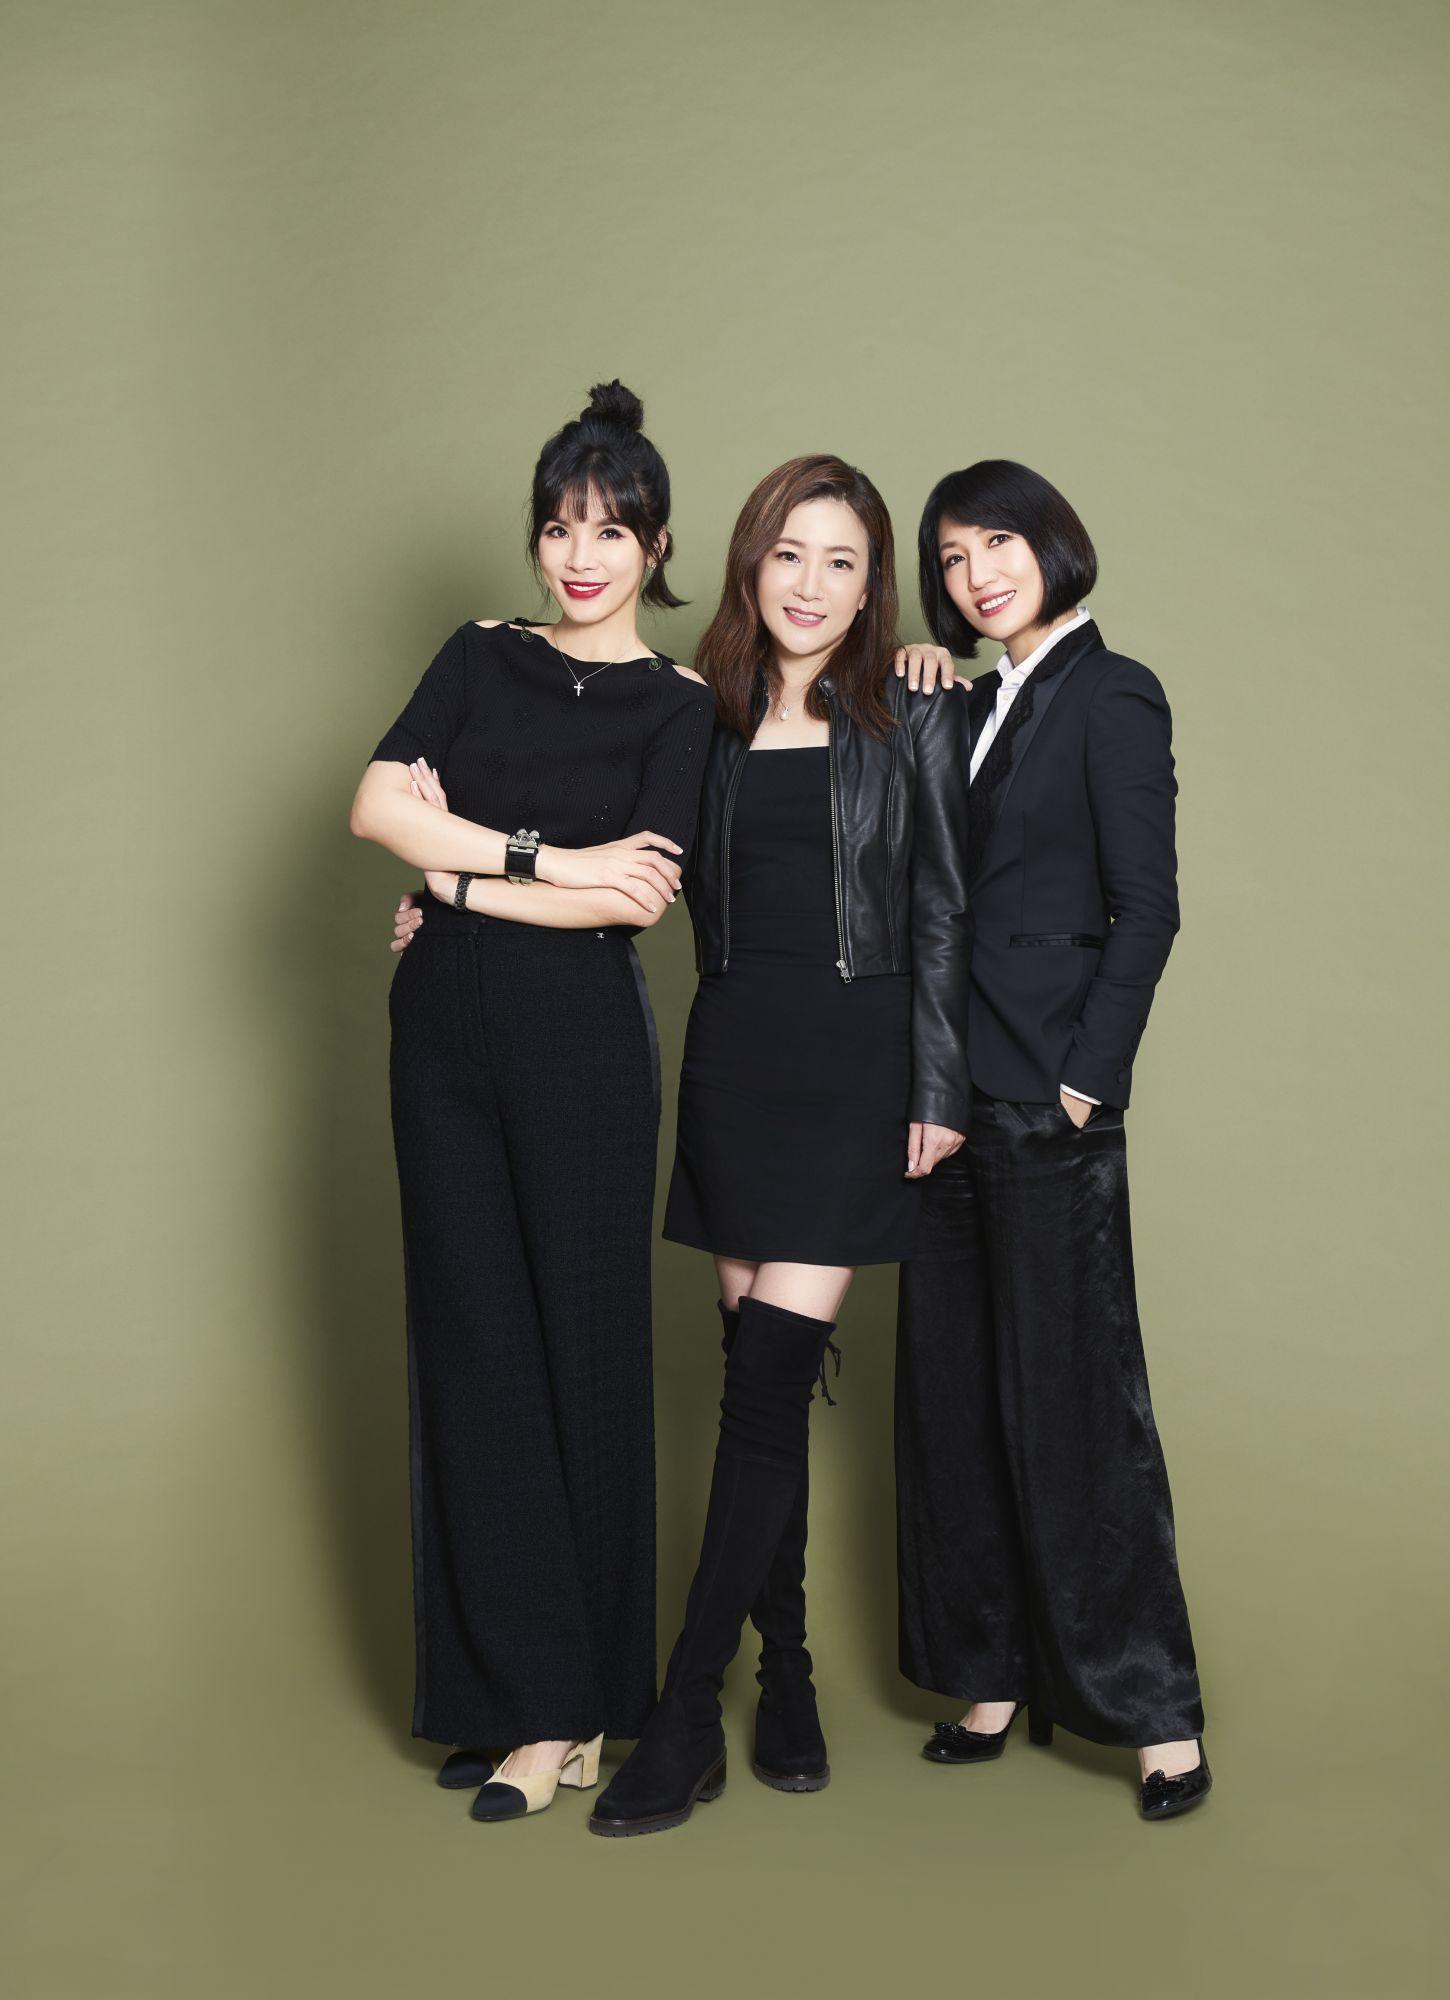 獨家專訪!風靡好萊塢的Beautyblender美妝蛋由她們引進台灣,Pure+創辦人李佩軒(Pacy)、吳鈞雯(Gina)、羅曉君(Karen)1+1+1大於3的創業人生